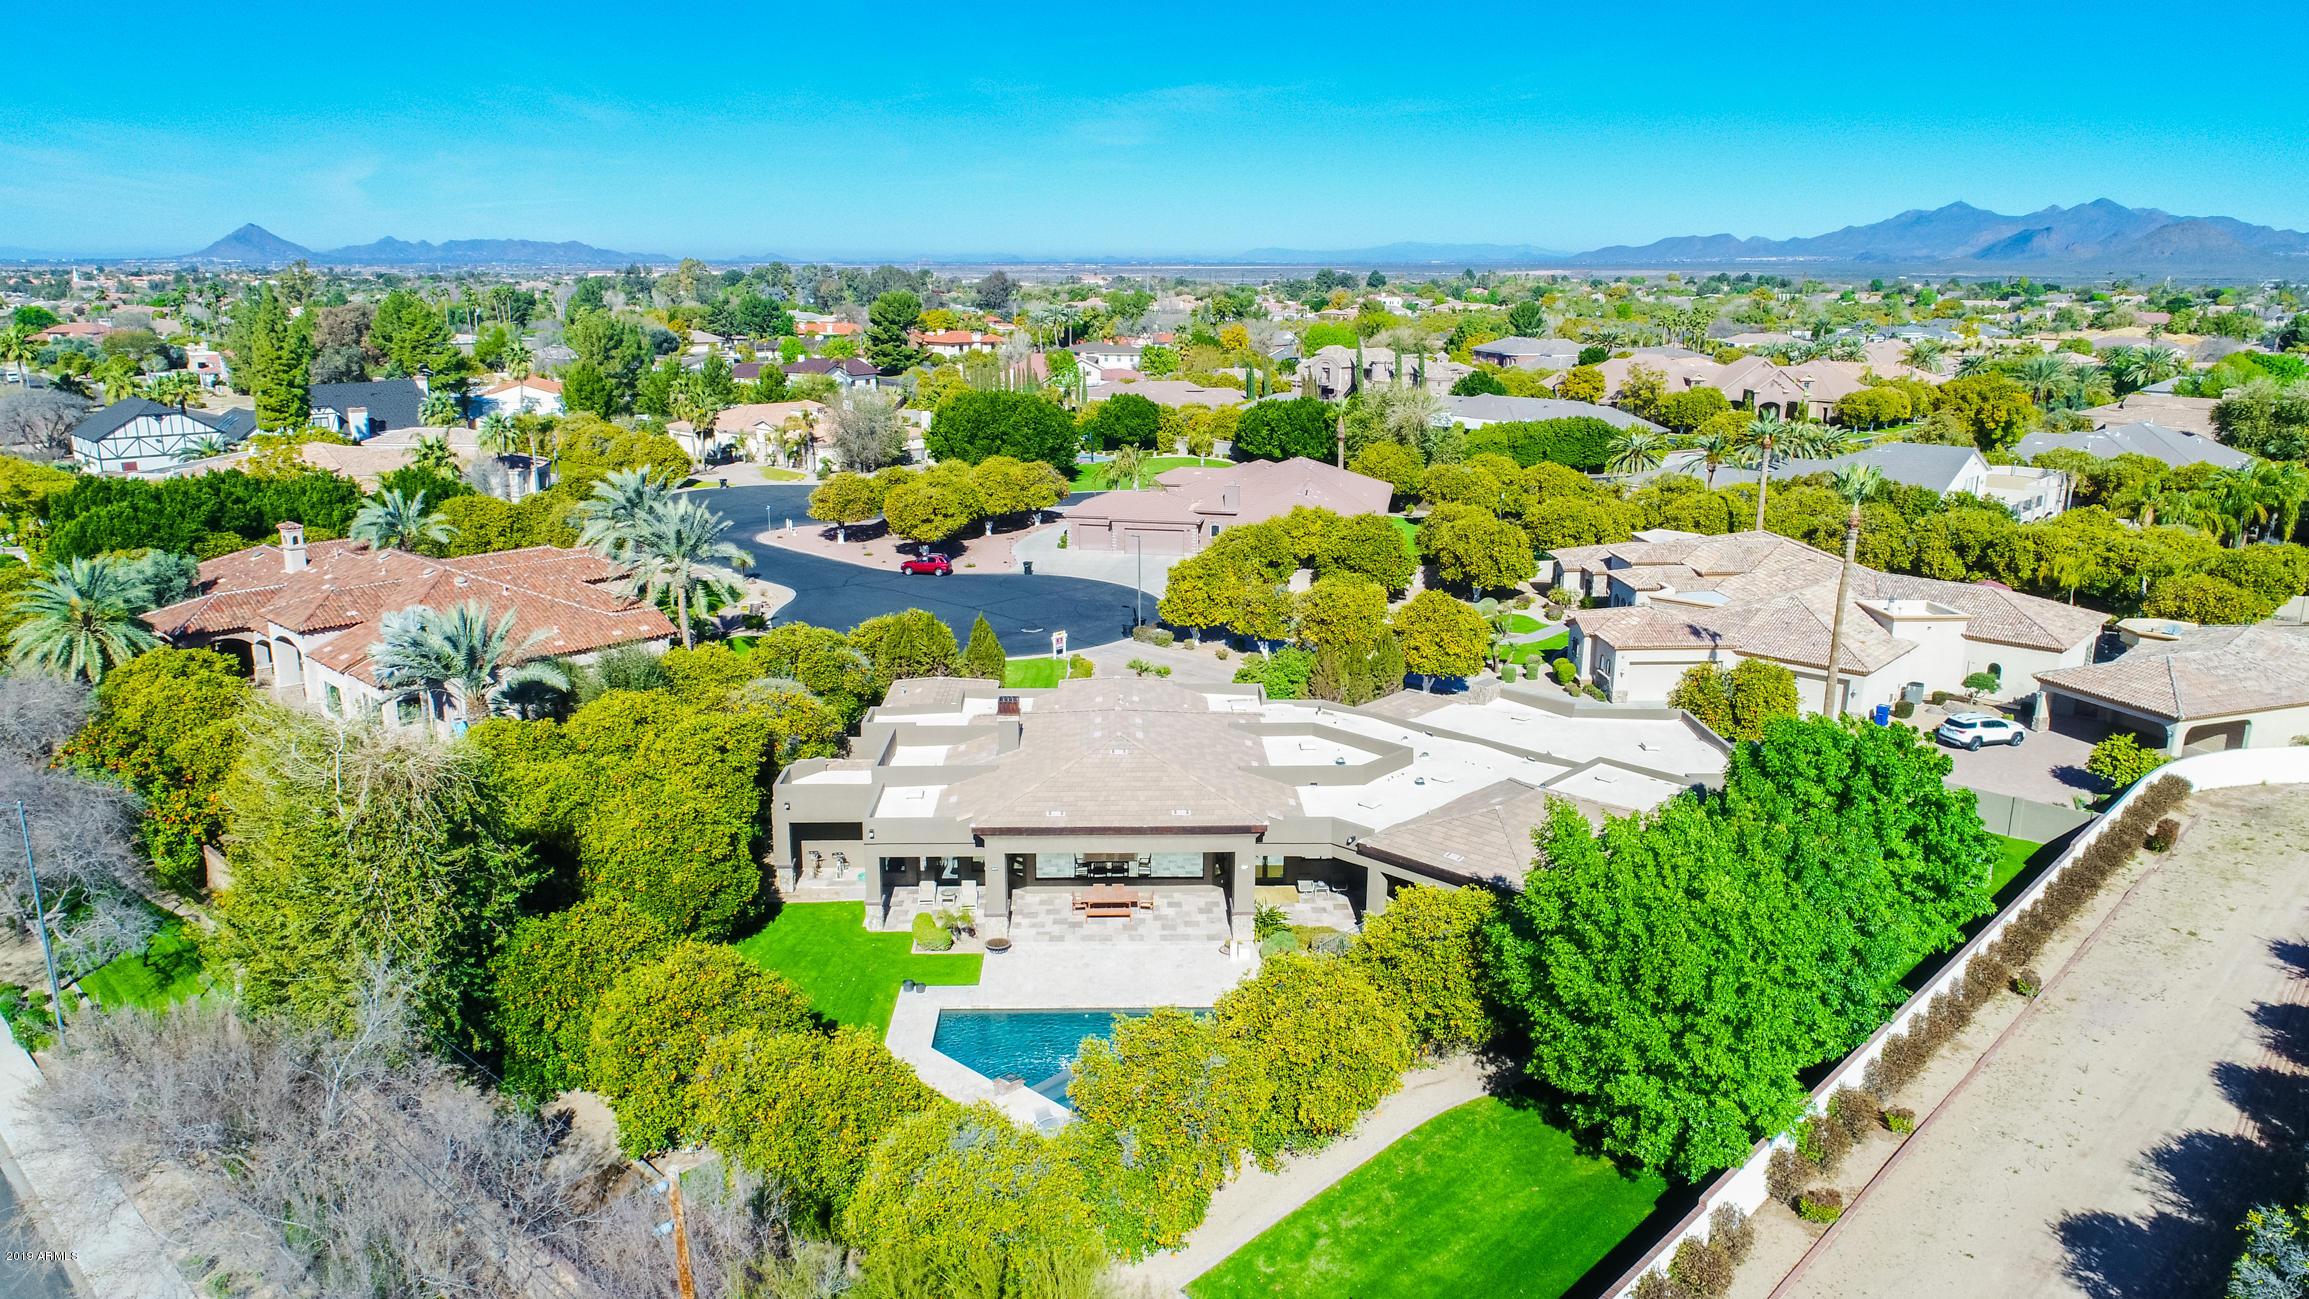 MLS 5889459 3953 E MENLO Circle, Mesa, AZ 85215 Mesa AZ The Groves